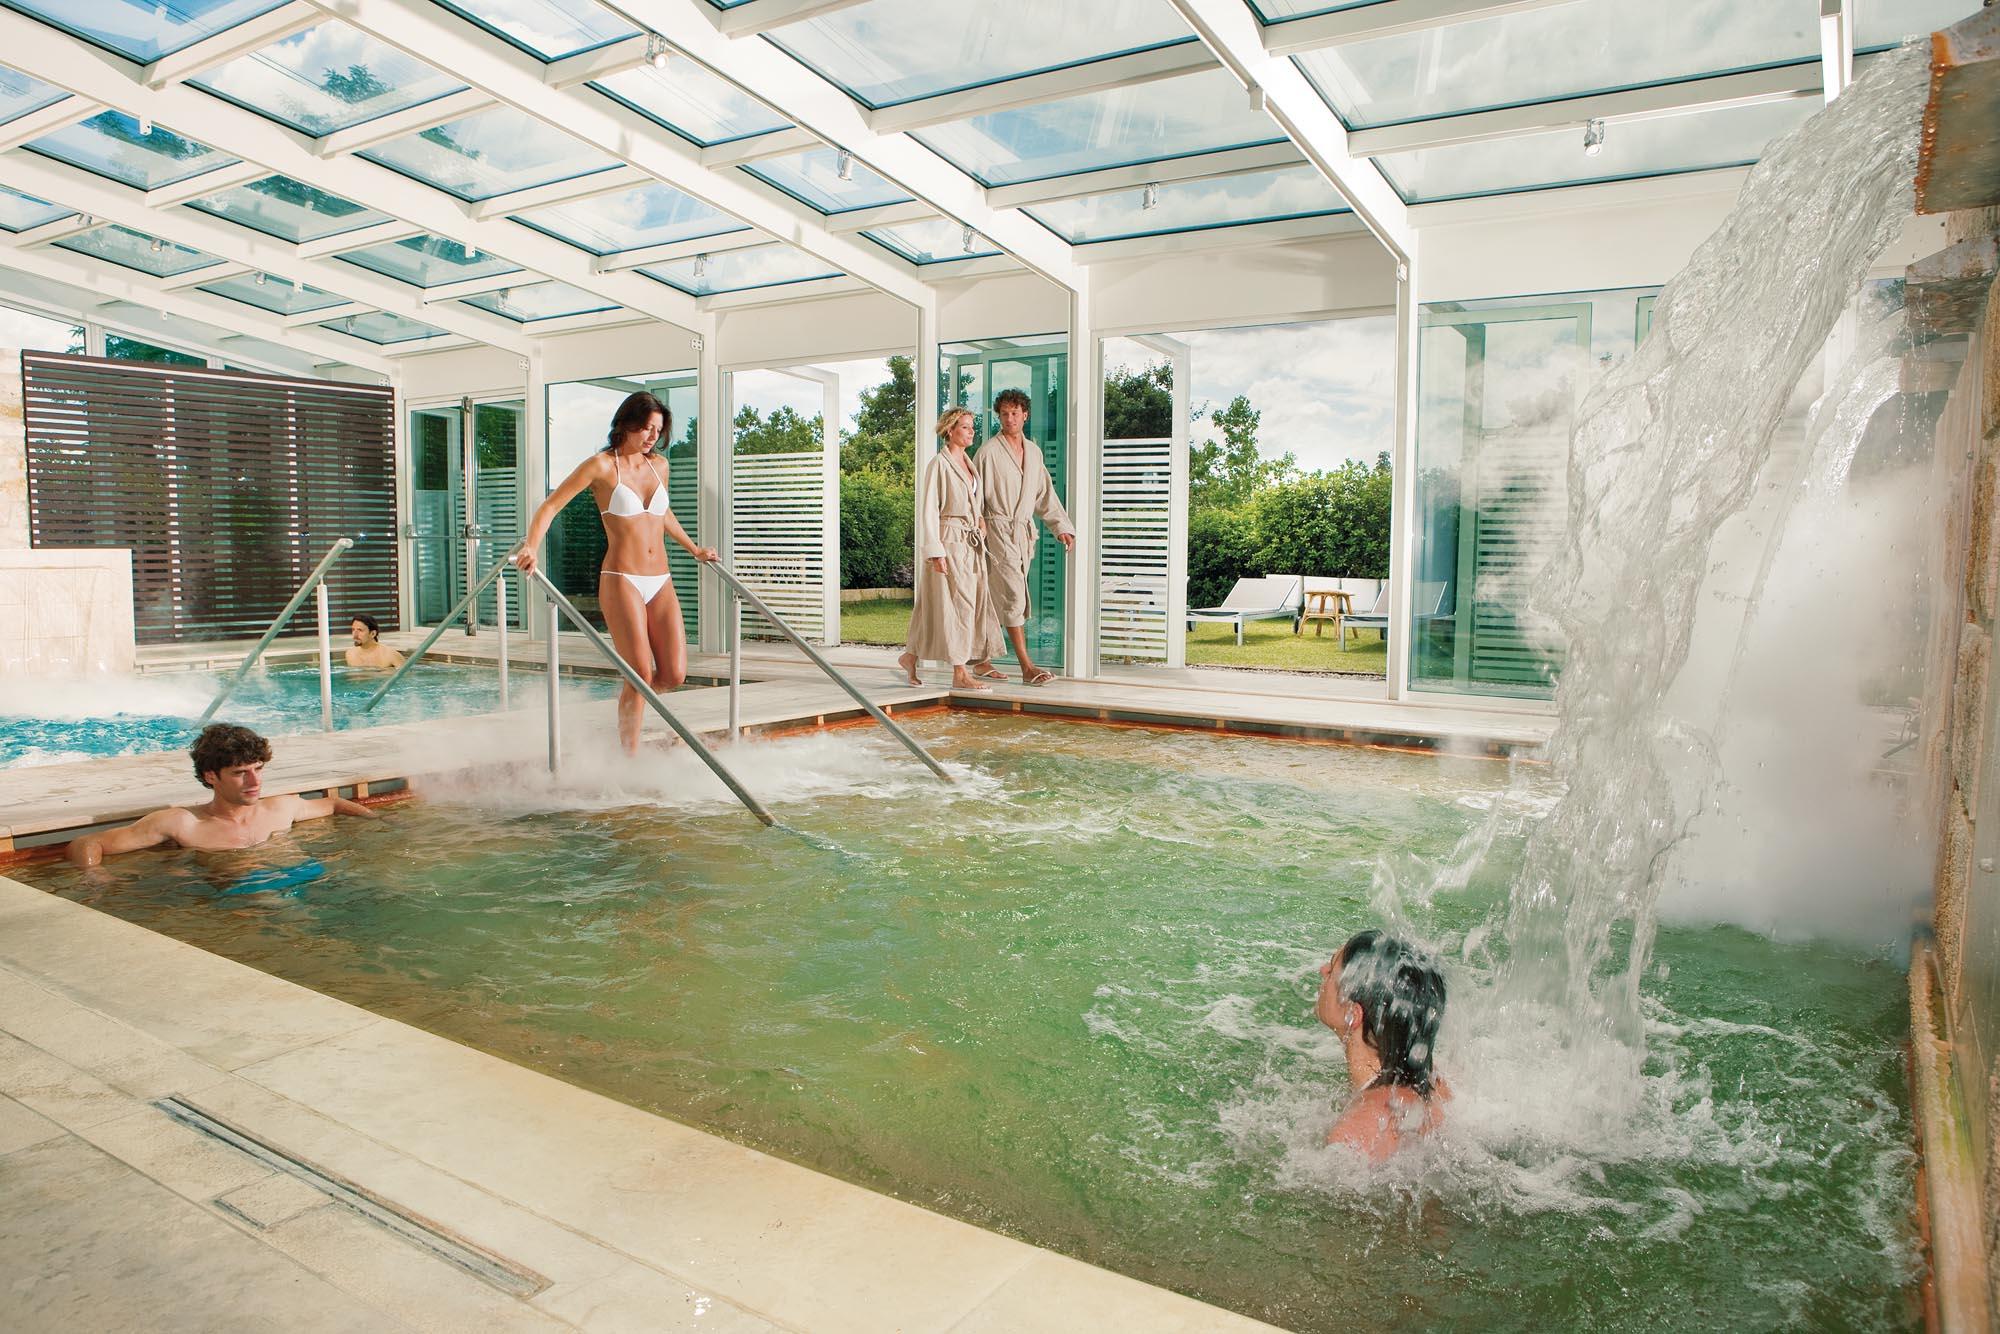 bagno vignoni la struttura dispone di un albergo un ristorante di due piscine alimentate da acqua termale una ad una temperatura di 3739c e da una